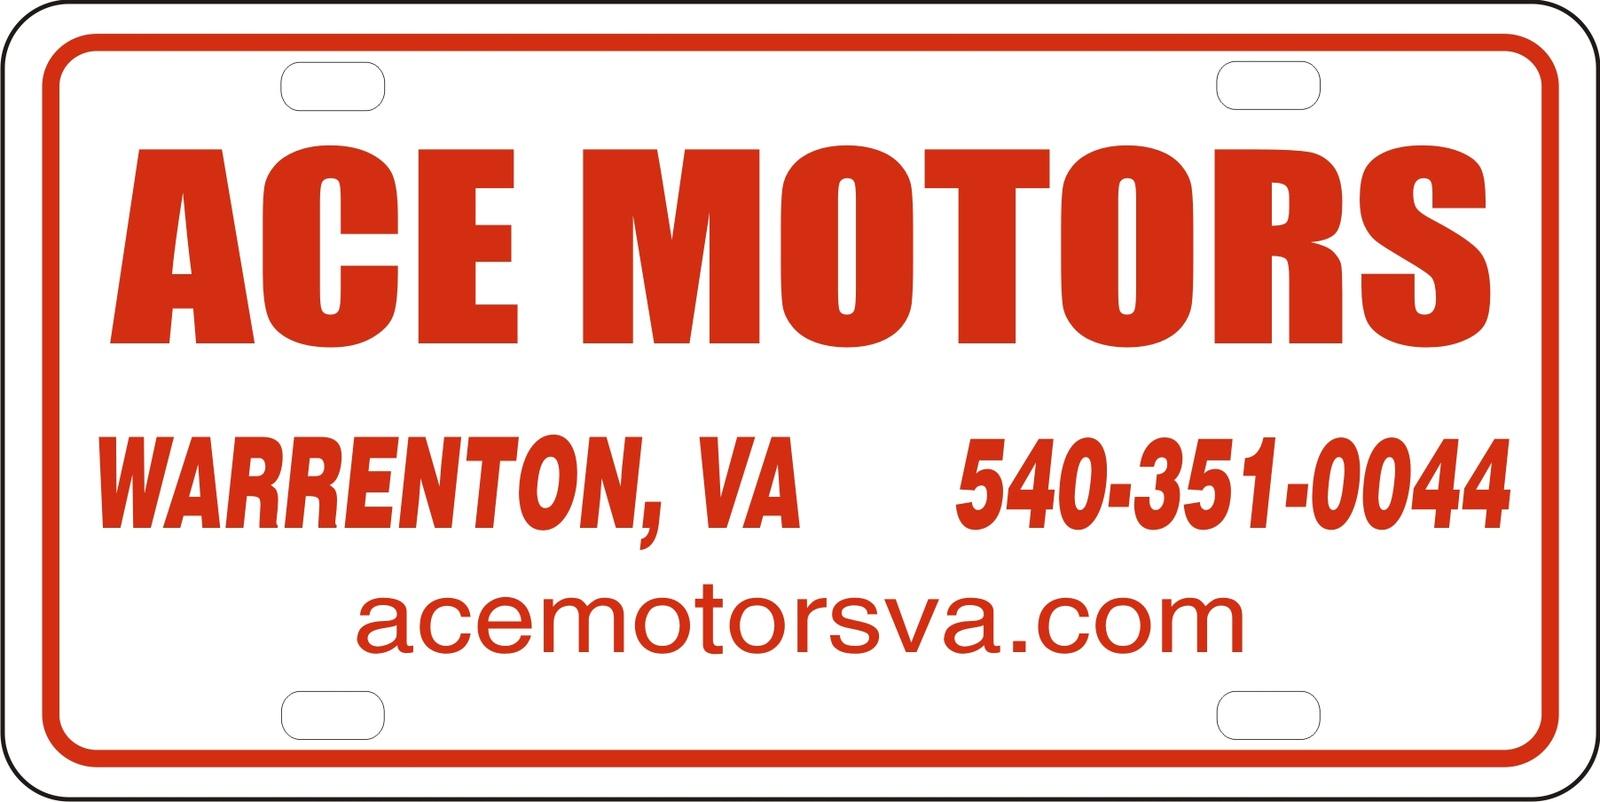 Ace Motors Llc Warrenton Va Read Consumer Reviews